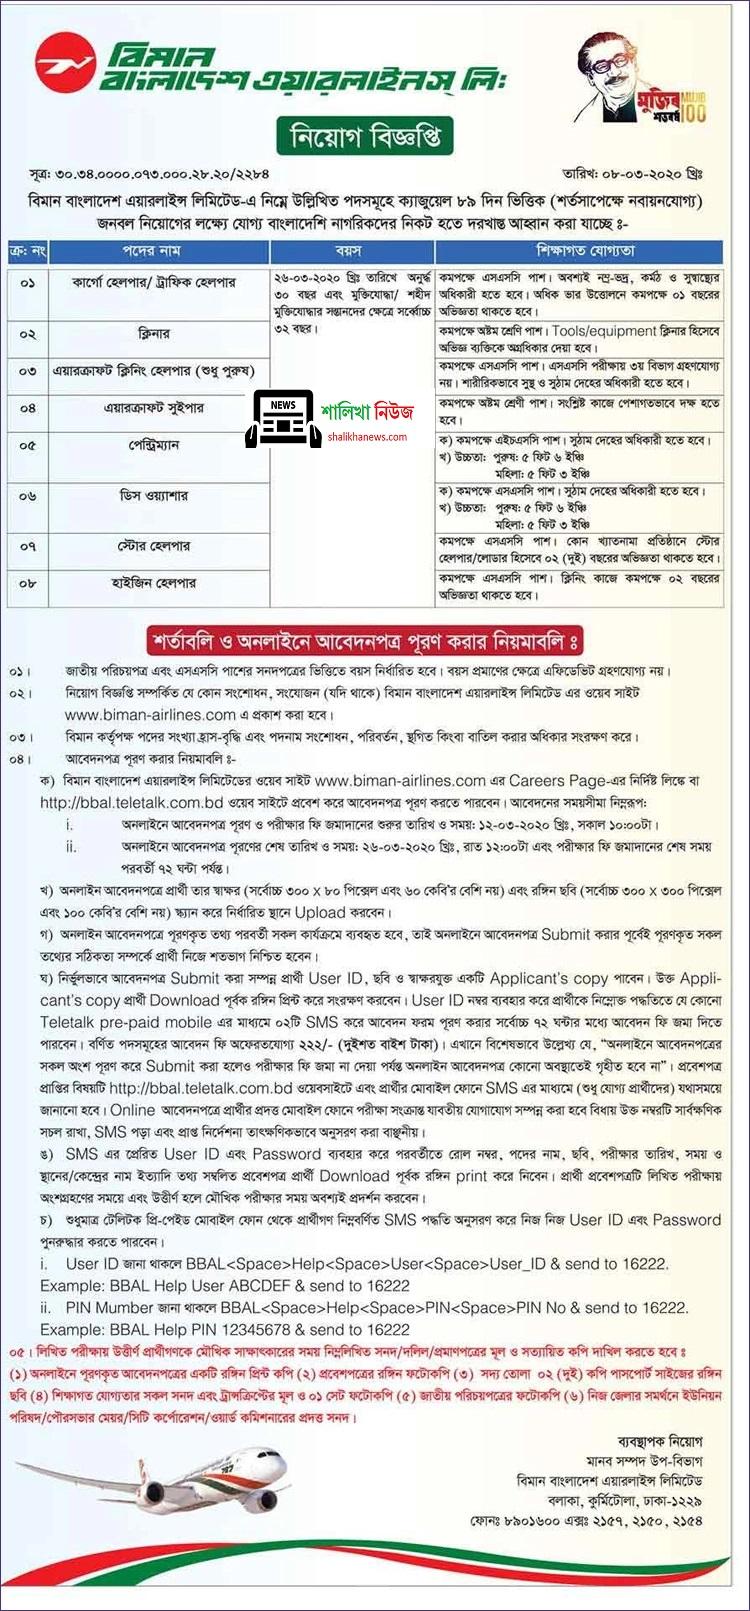 Biman Bangladesh Job Circular 2020